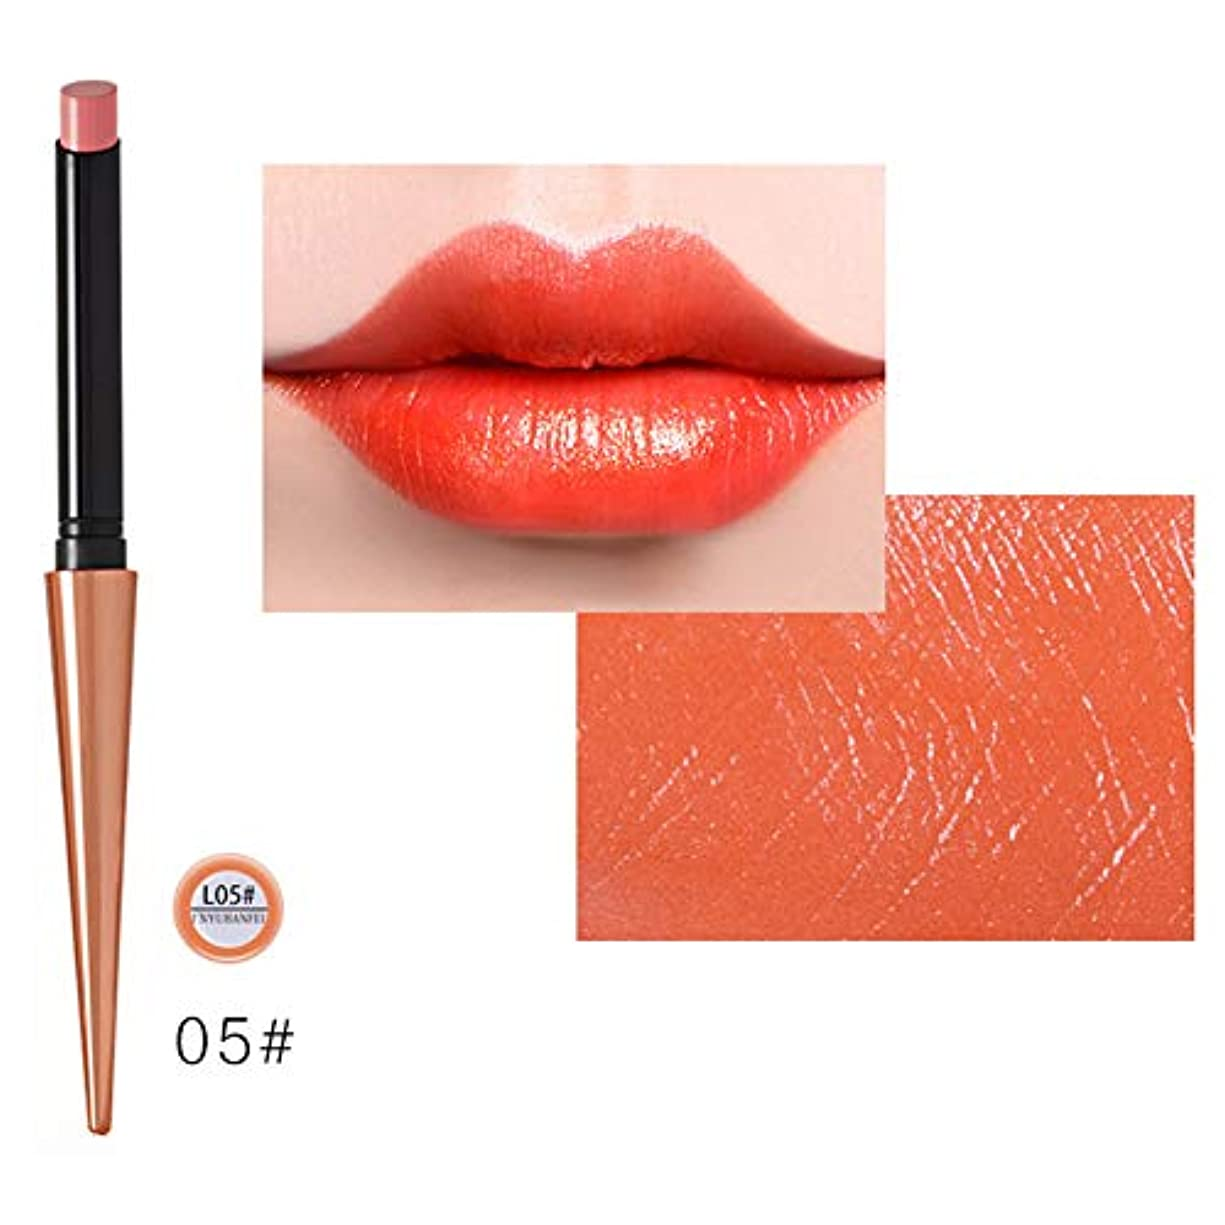 静かに俳優クレジット口紅 リップマット リップティント リップスティック リップグロス つや消し 防水 長続き 唇の化粧品 化粧品 10色 Cutelove